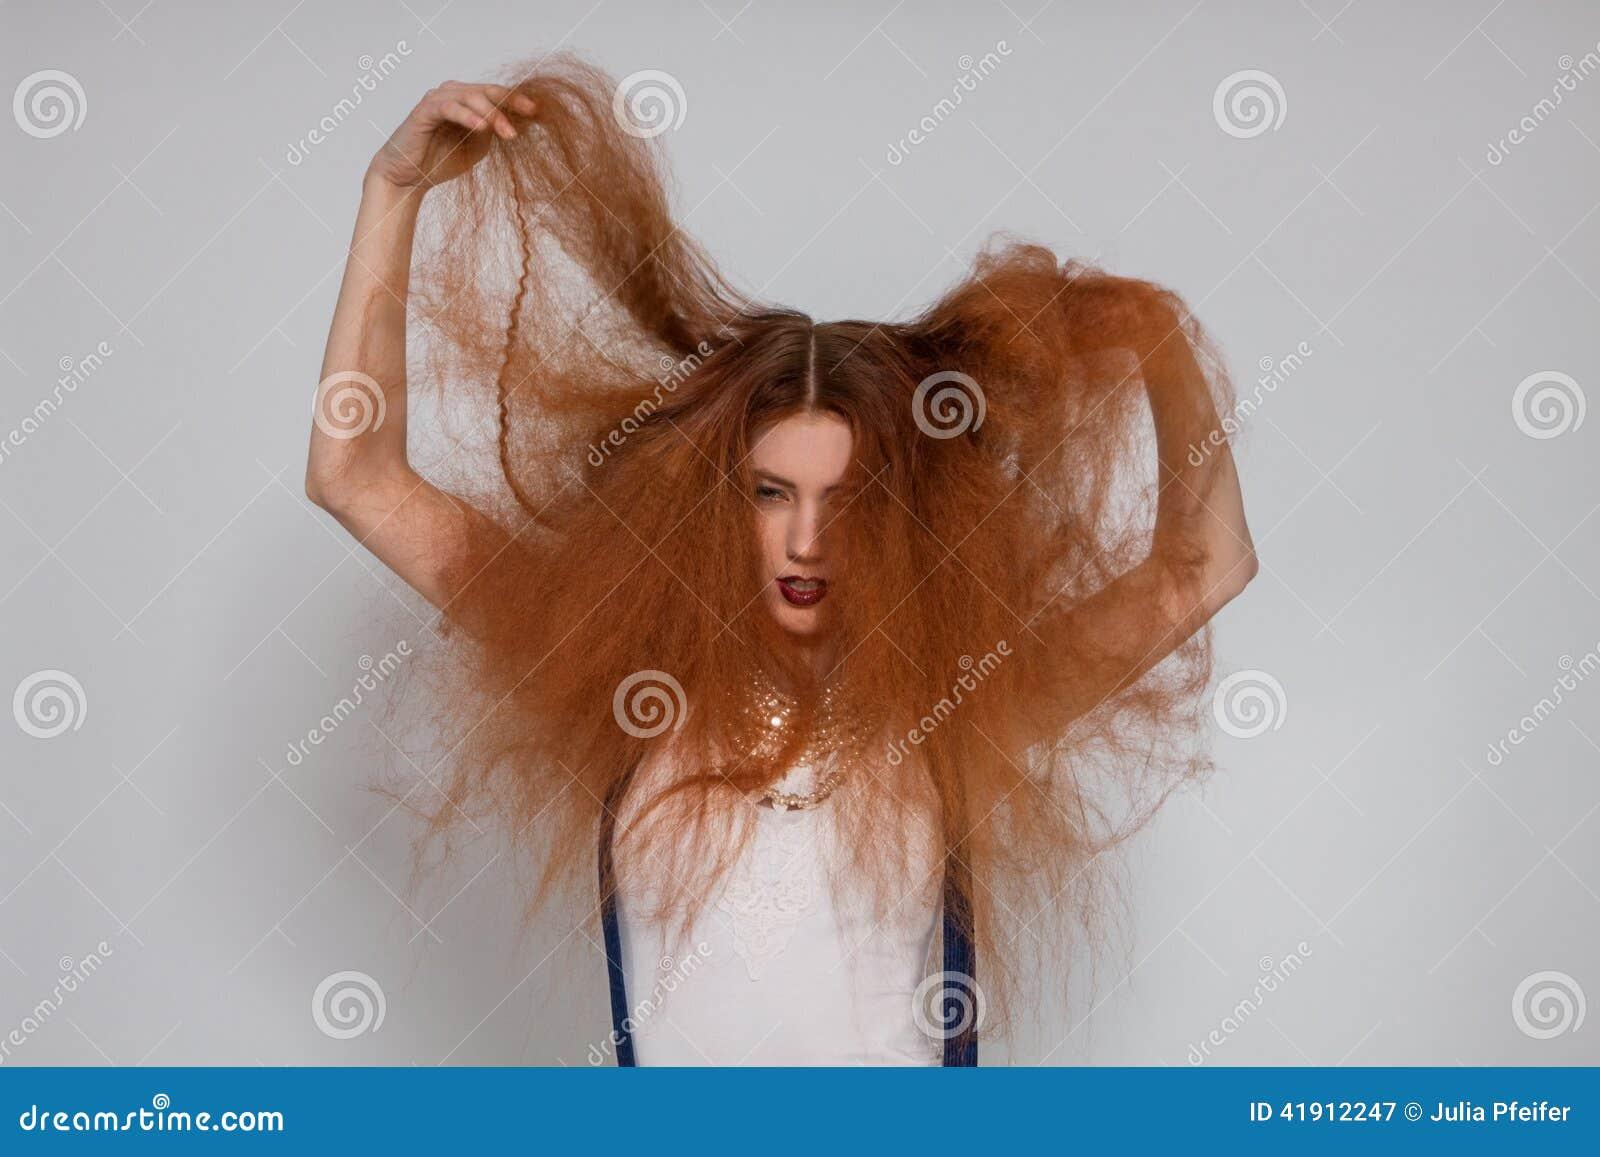 El jugar modelo femenino con el pelo muy rizado